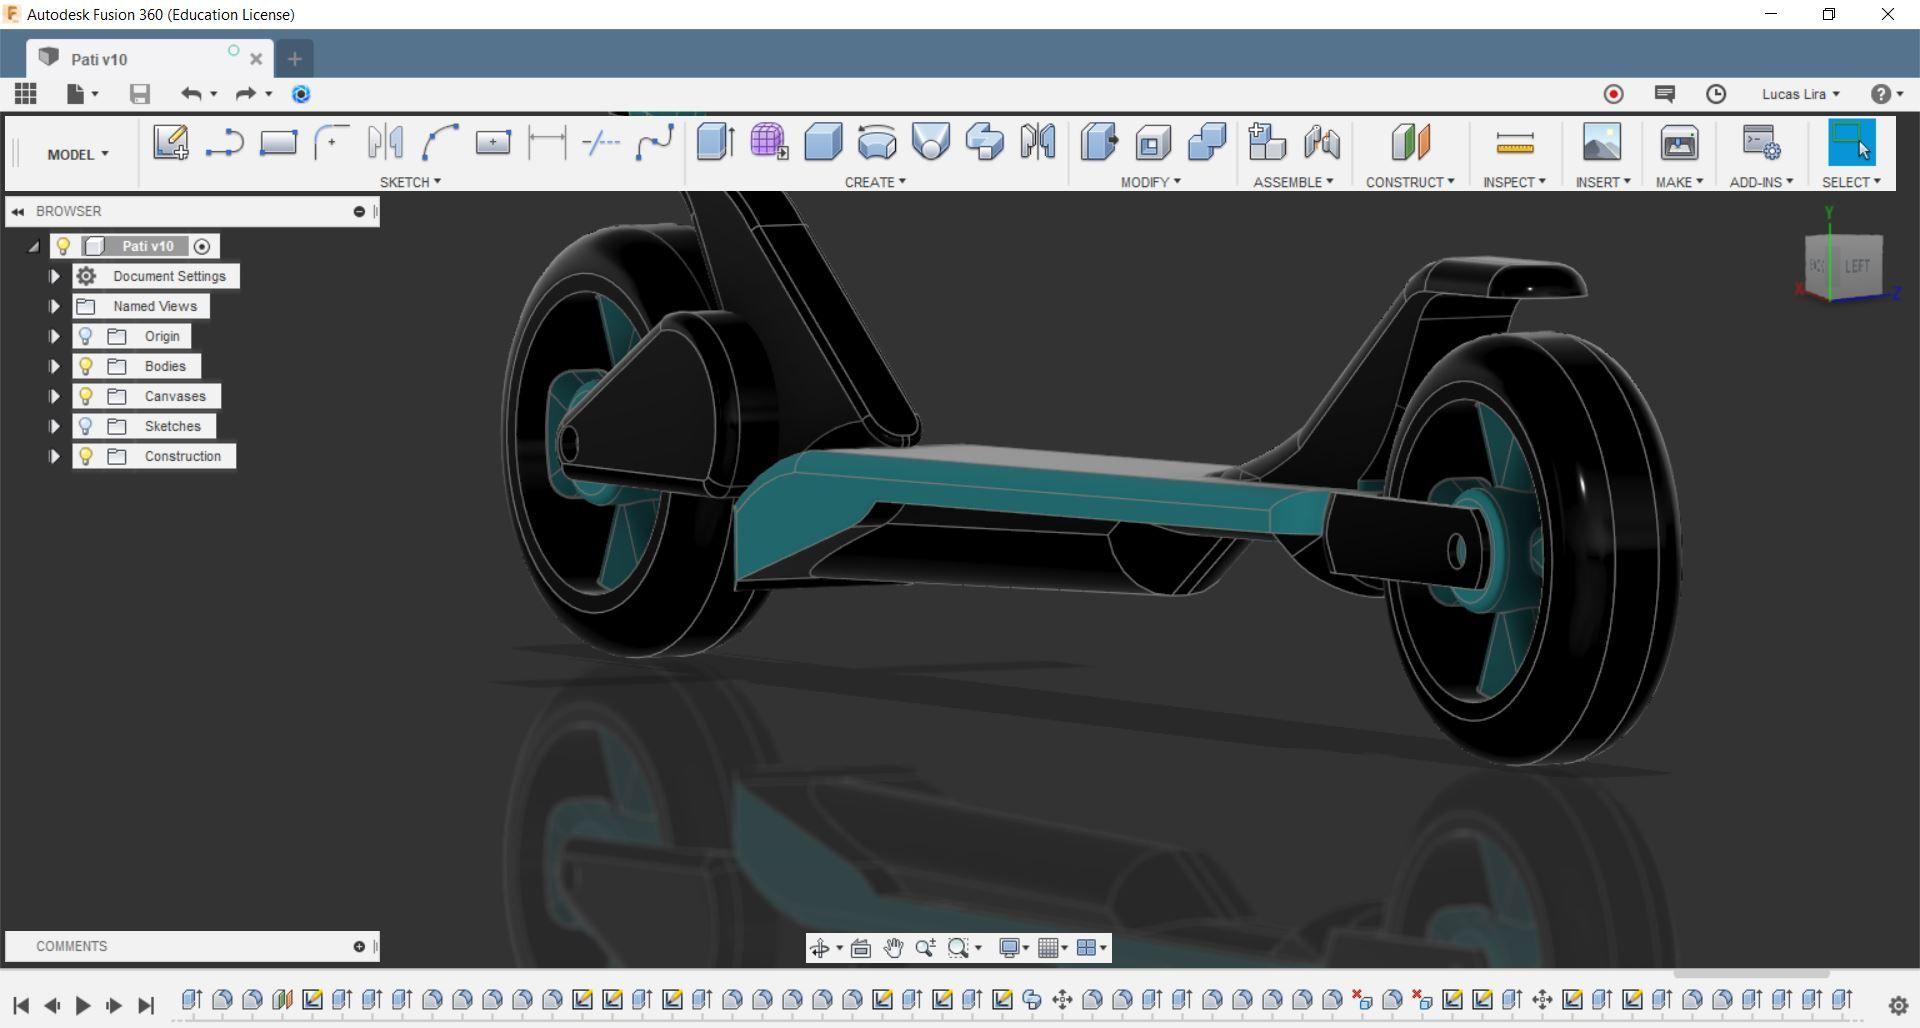 Projeto-de-design-patin-fabnerdes-03-3500-3500